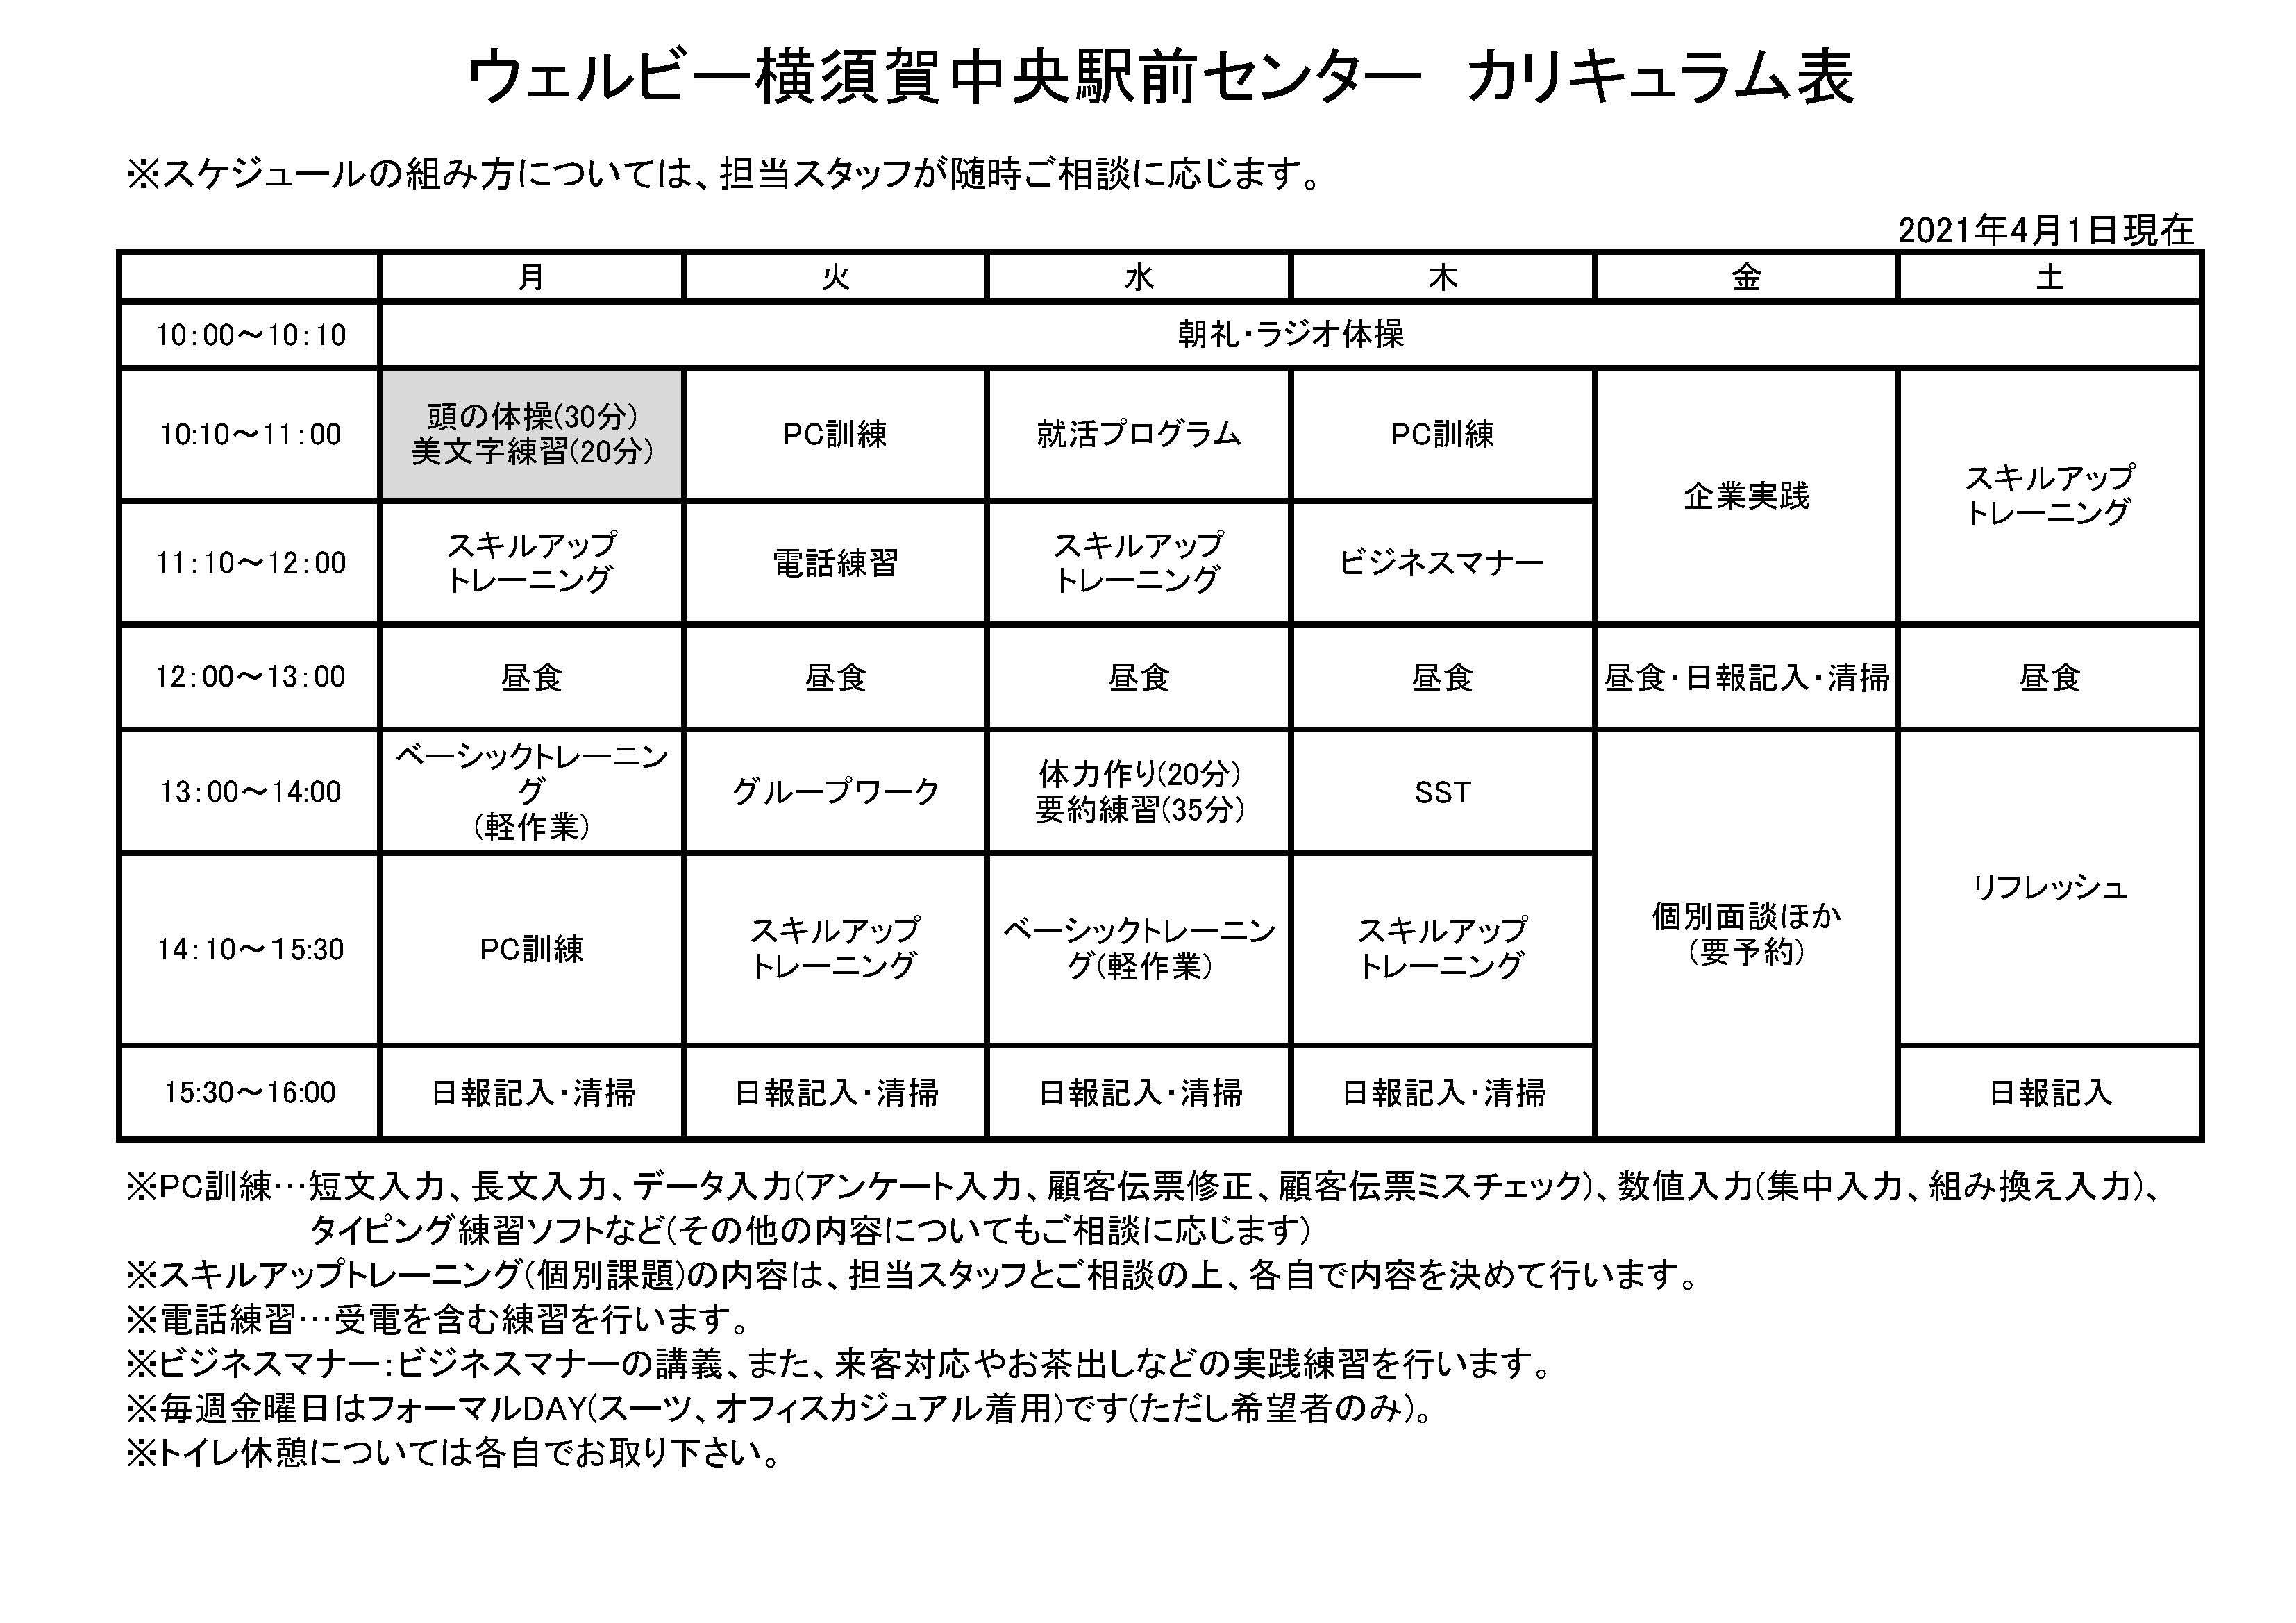 【横須賀】ブログ20210405データ